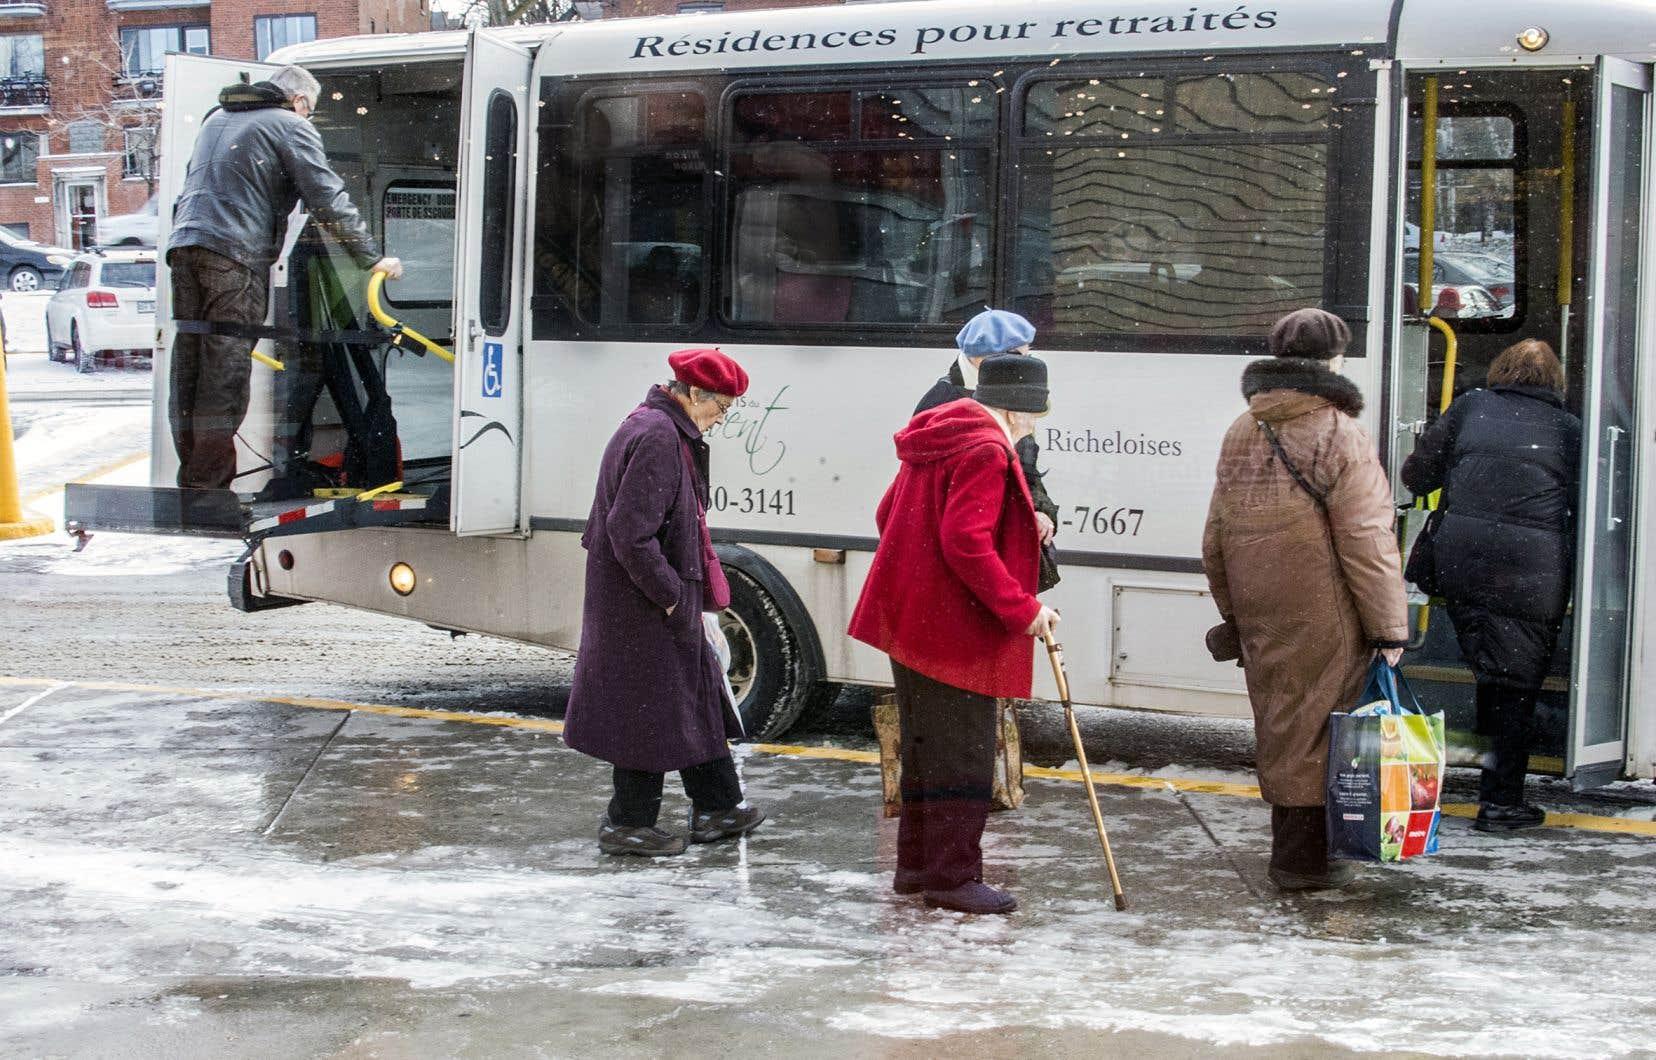 La Ville de Montréal doit se doter de méthodes de consultation adaptées aux réalités des aînés,qui sont déjà aux prises avec des facteurs d'exclusion sociale et d'isolement, estiment les auteures.